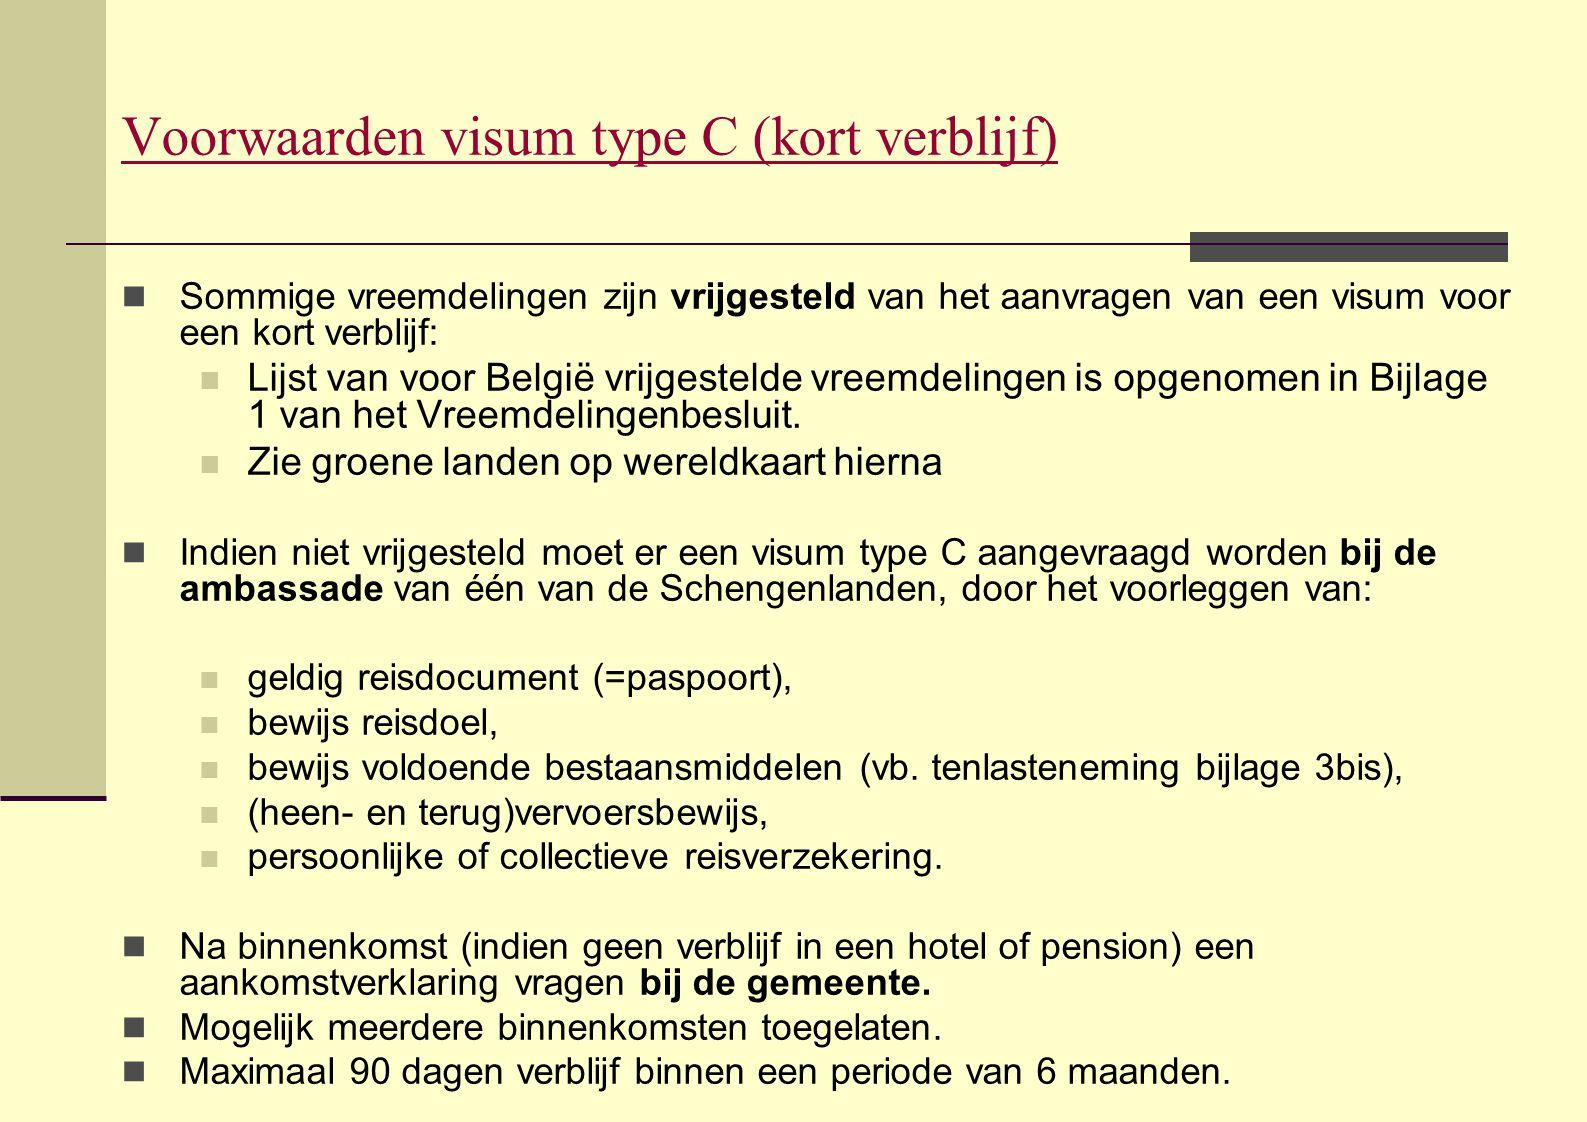  Sommige vreemdelingen zijn vrijgesteld van het aanvragen van een visum voor een kort verblijf:  Lijst van voor België vrijgestelde vreemdelingen is